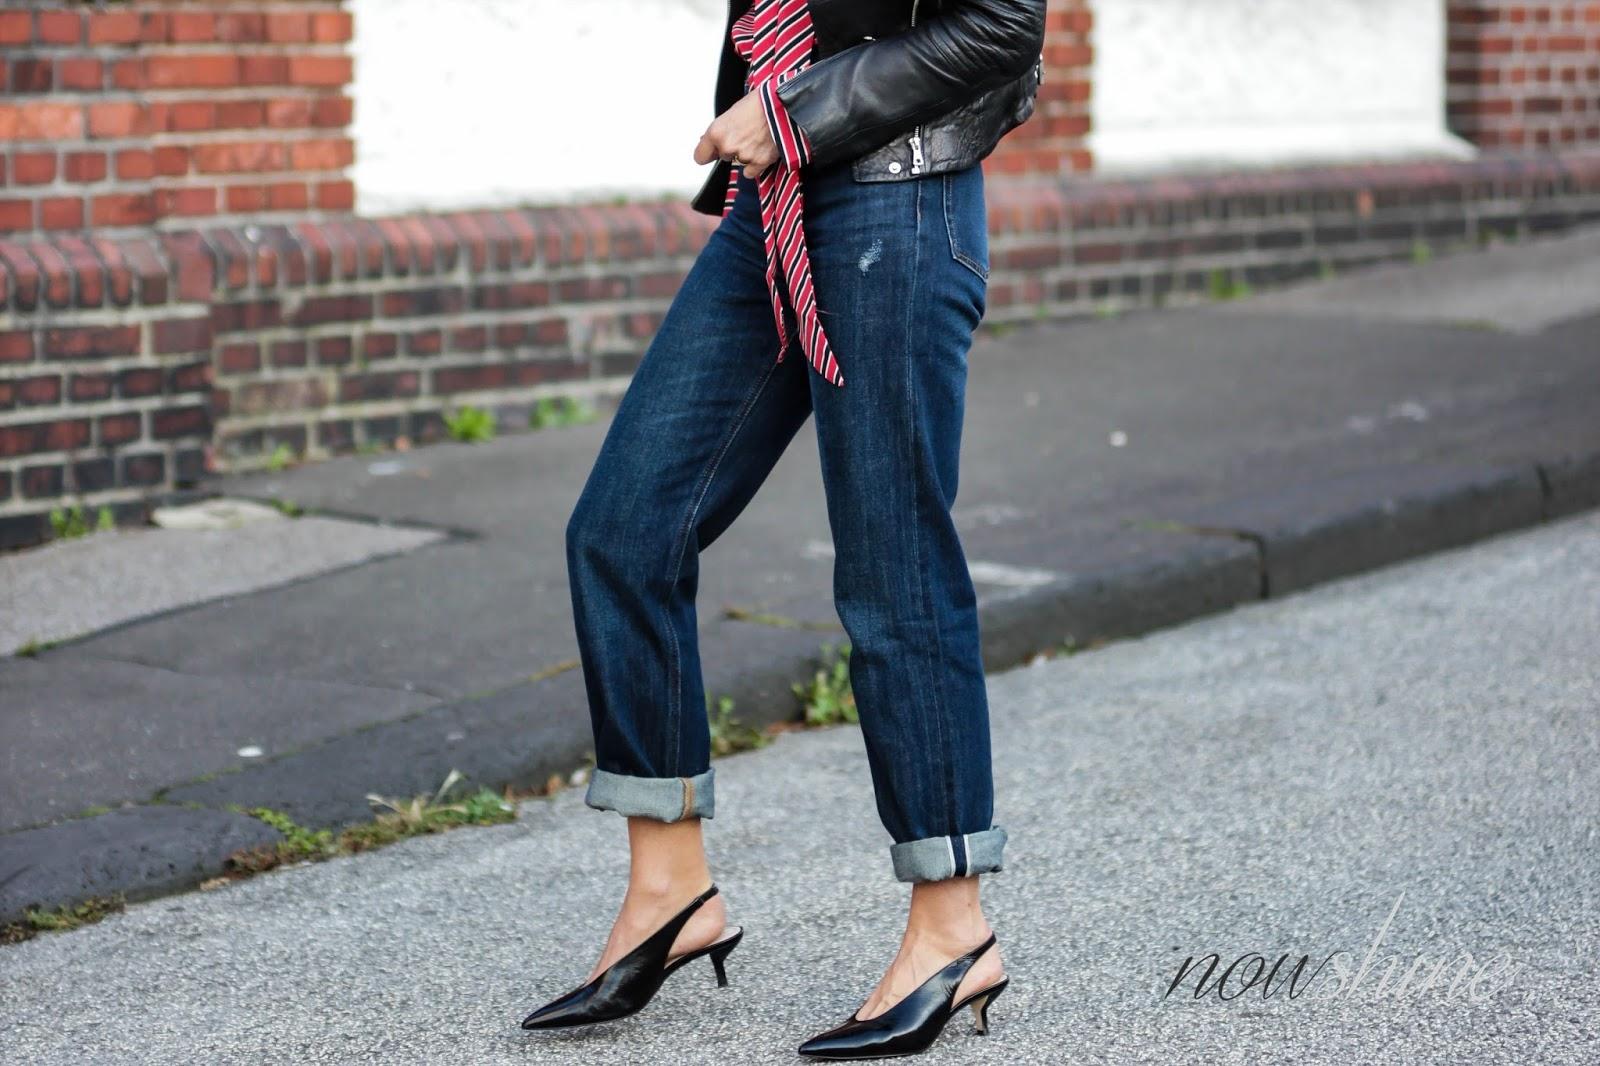 Vintage Straight Samurai Jeans und schwarze Kitten Heels von Zara und eine rote Bluse mit Schluppe von Mango